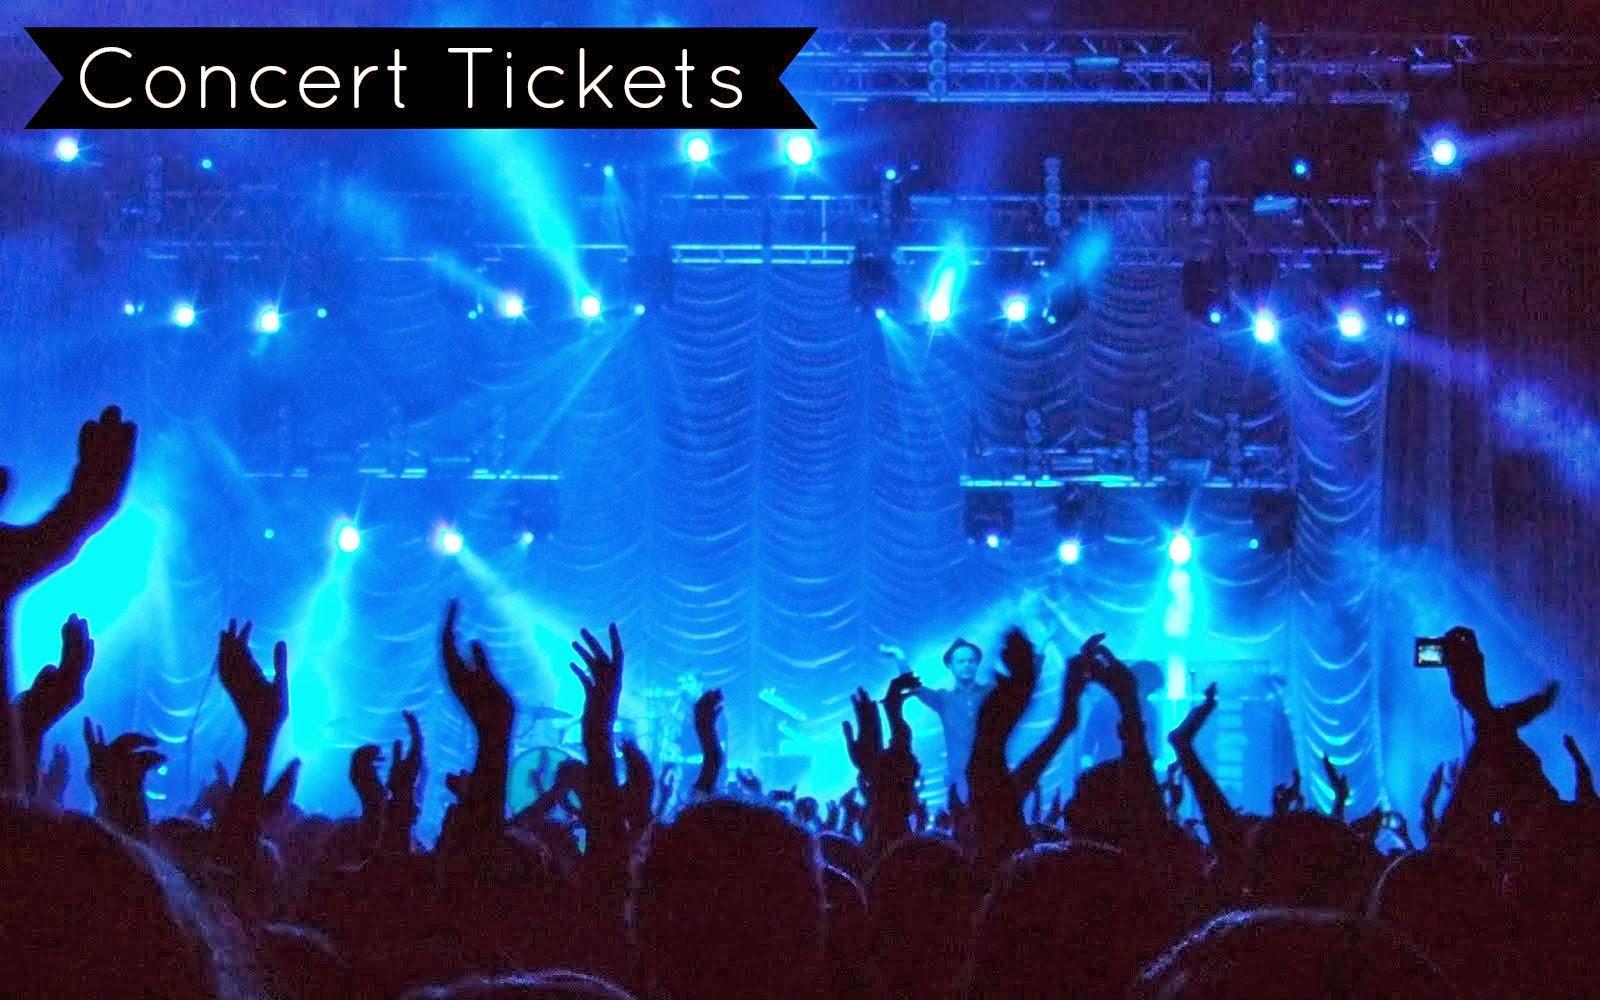 Discount concert ticket brokers